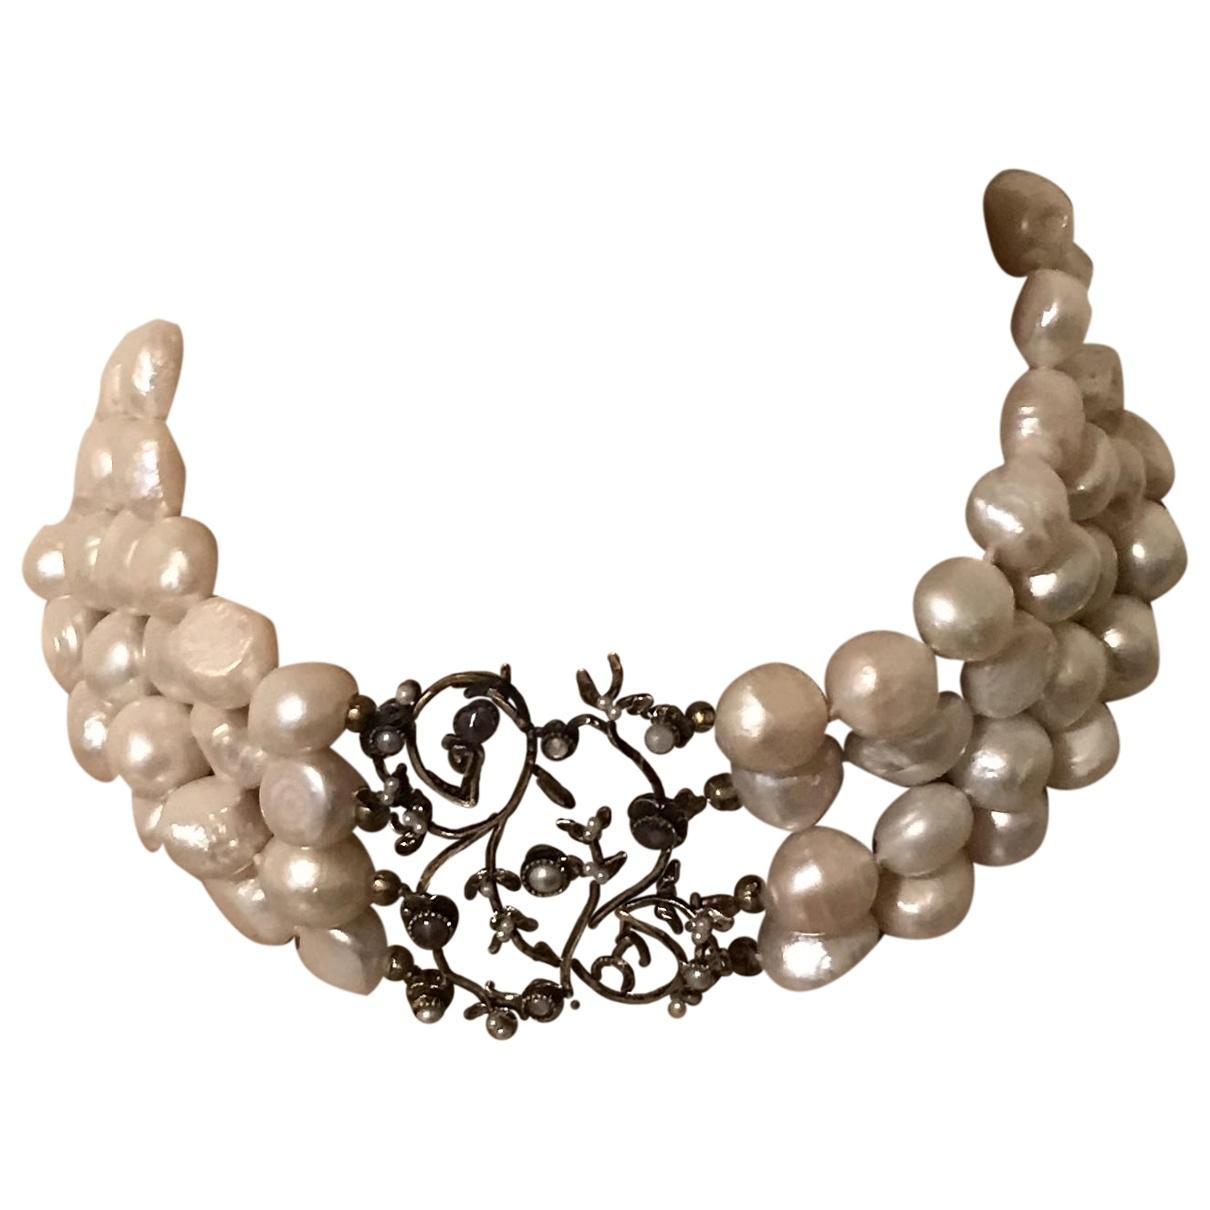 Collar Nacre Non Signe / Unsigned